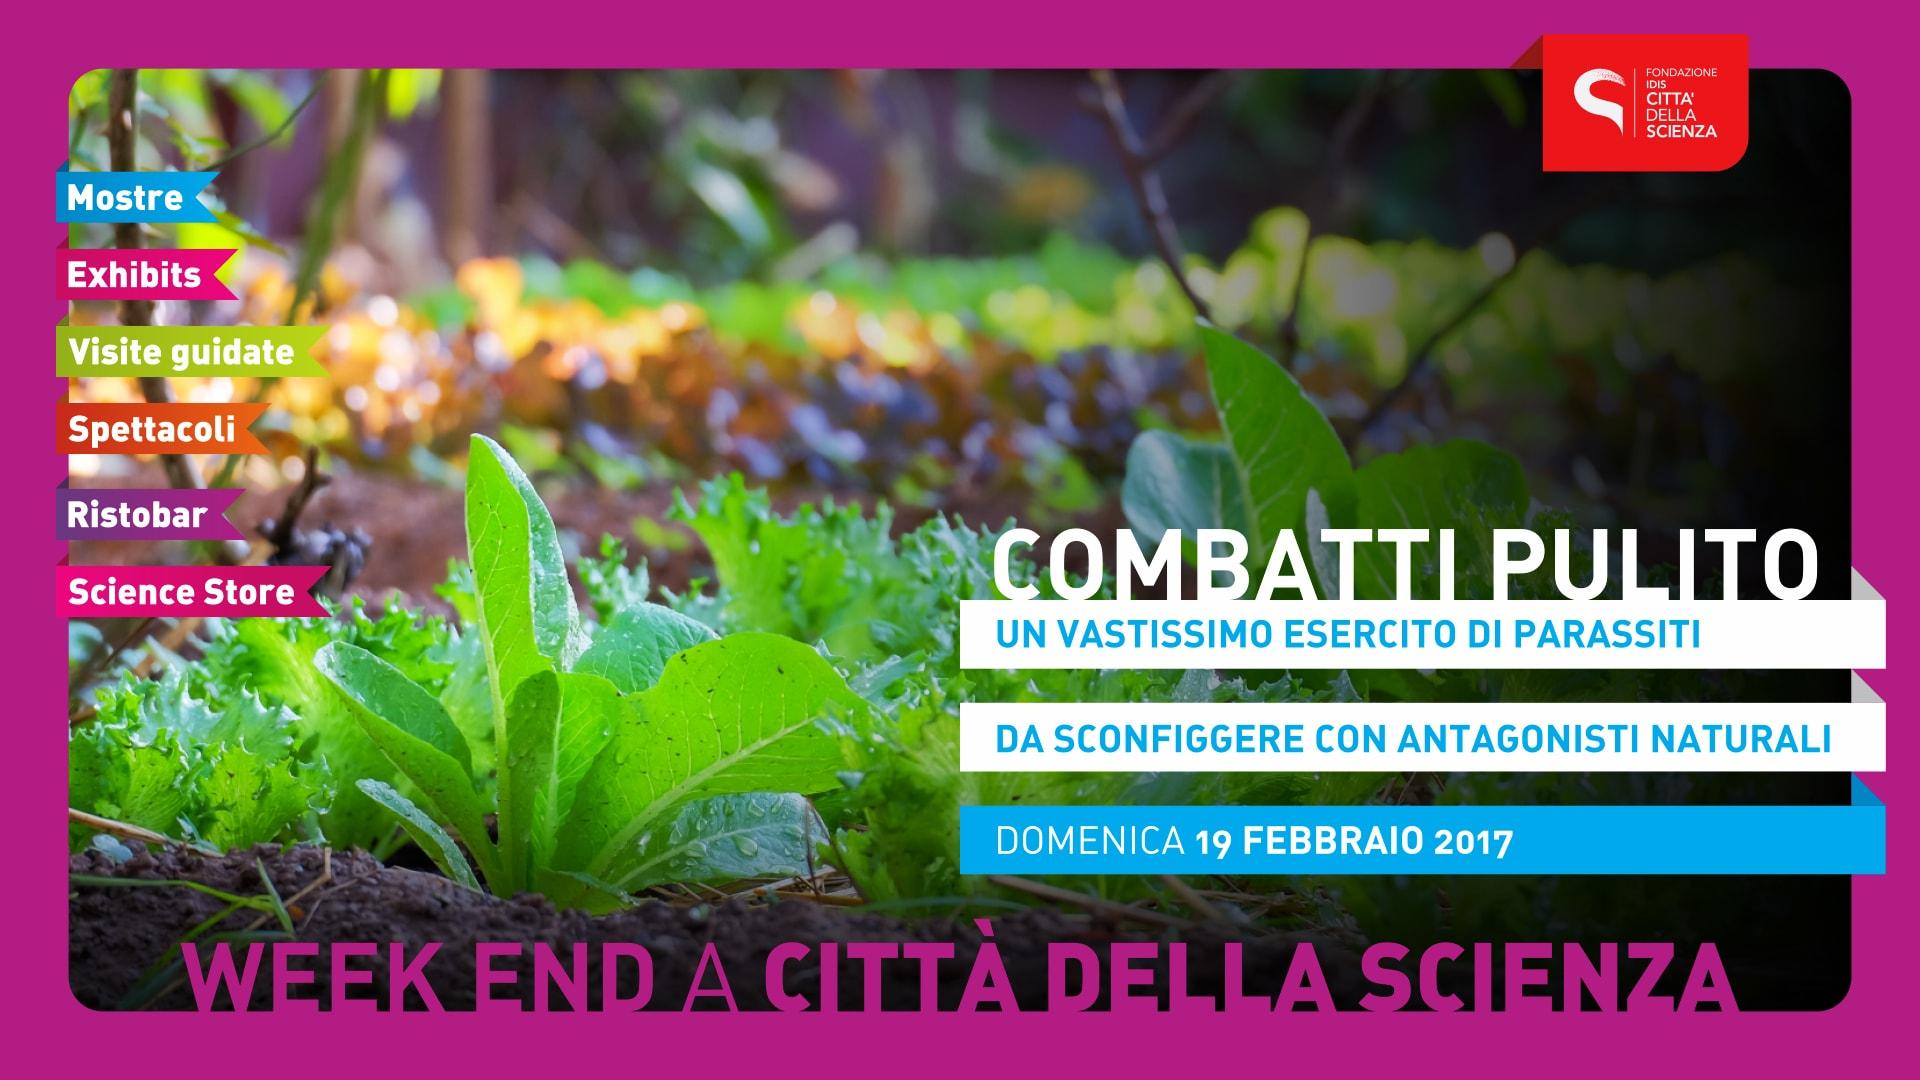 COMBATTI_PULITO_1920_x_1080-min